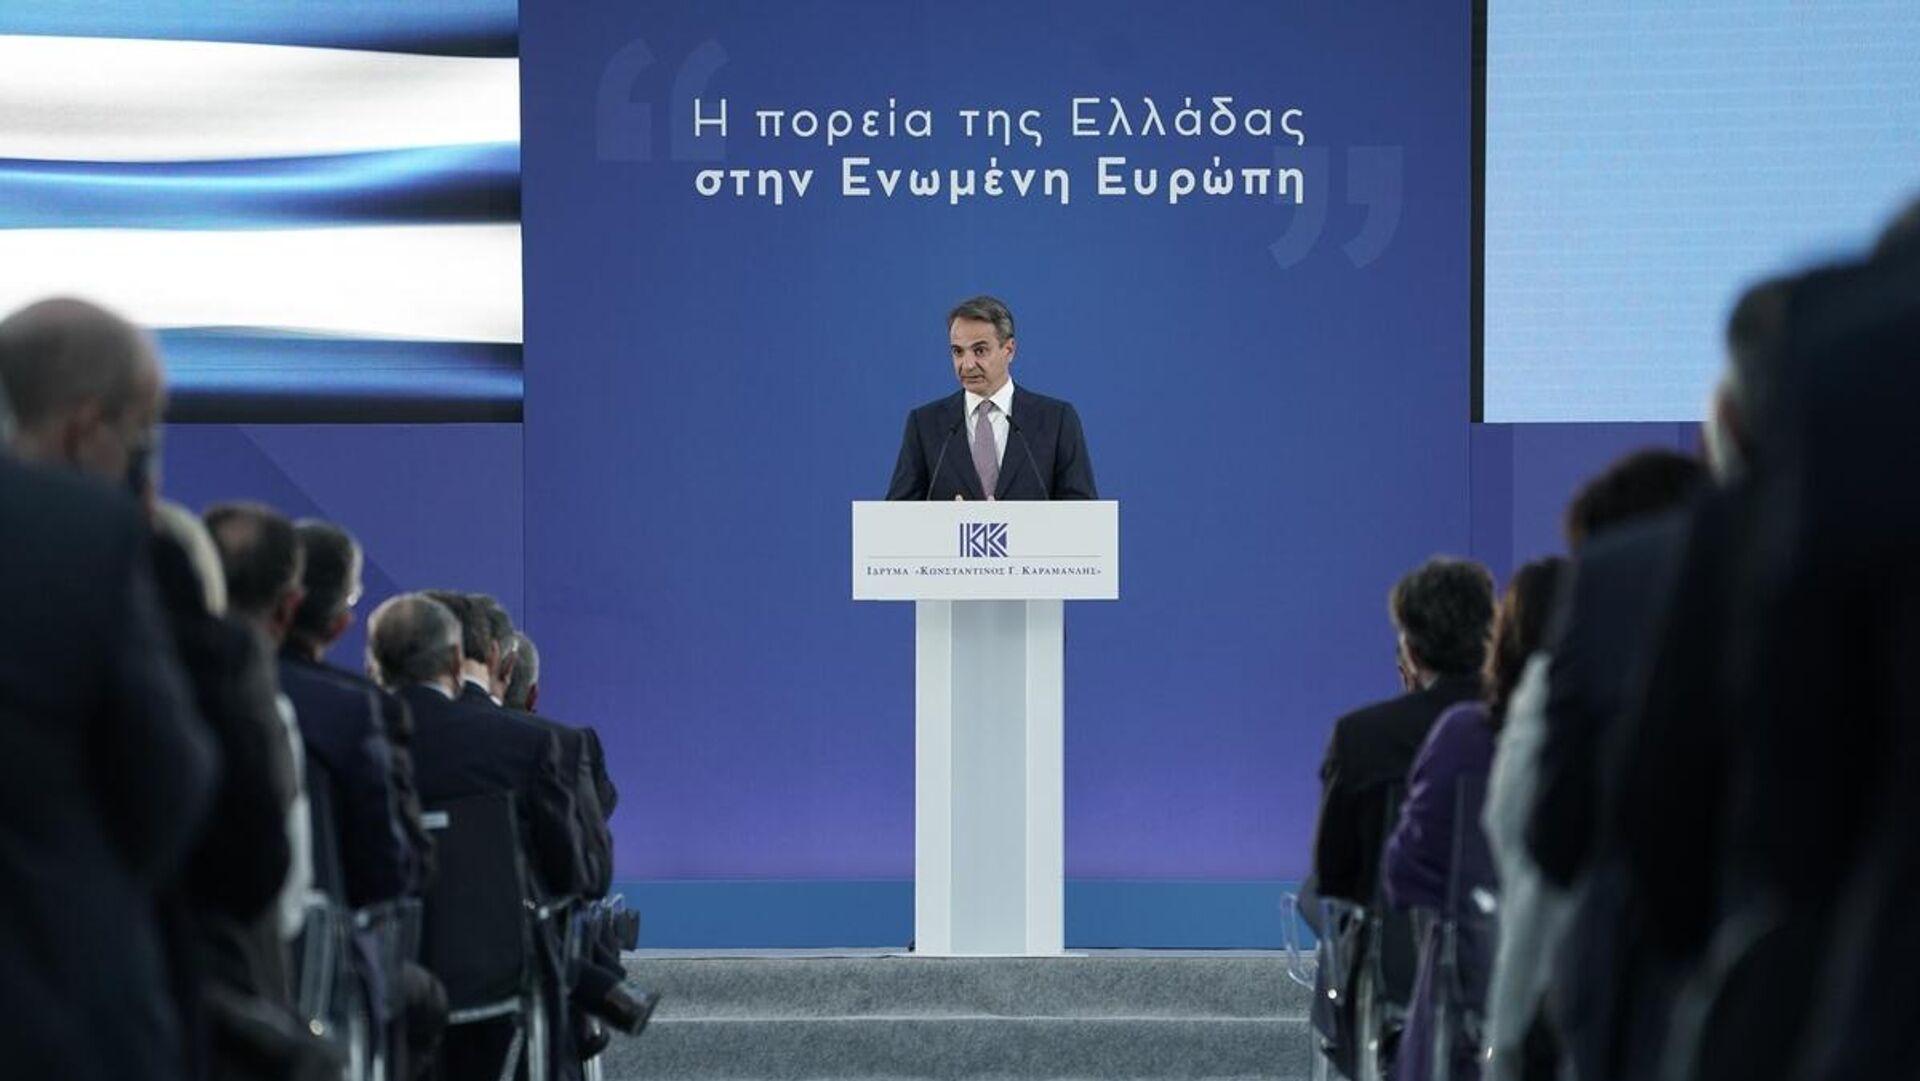 Ο Κυριάκος Μητσοτάκης σε εκδήλωση του Ιδρύματος «Κωνσταντίνος Γ. Καραμανλής» - Sputnik Ελλάδα, 1920, 13.10.2021